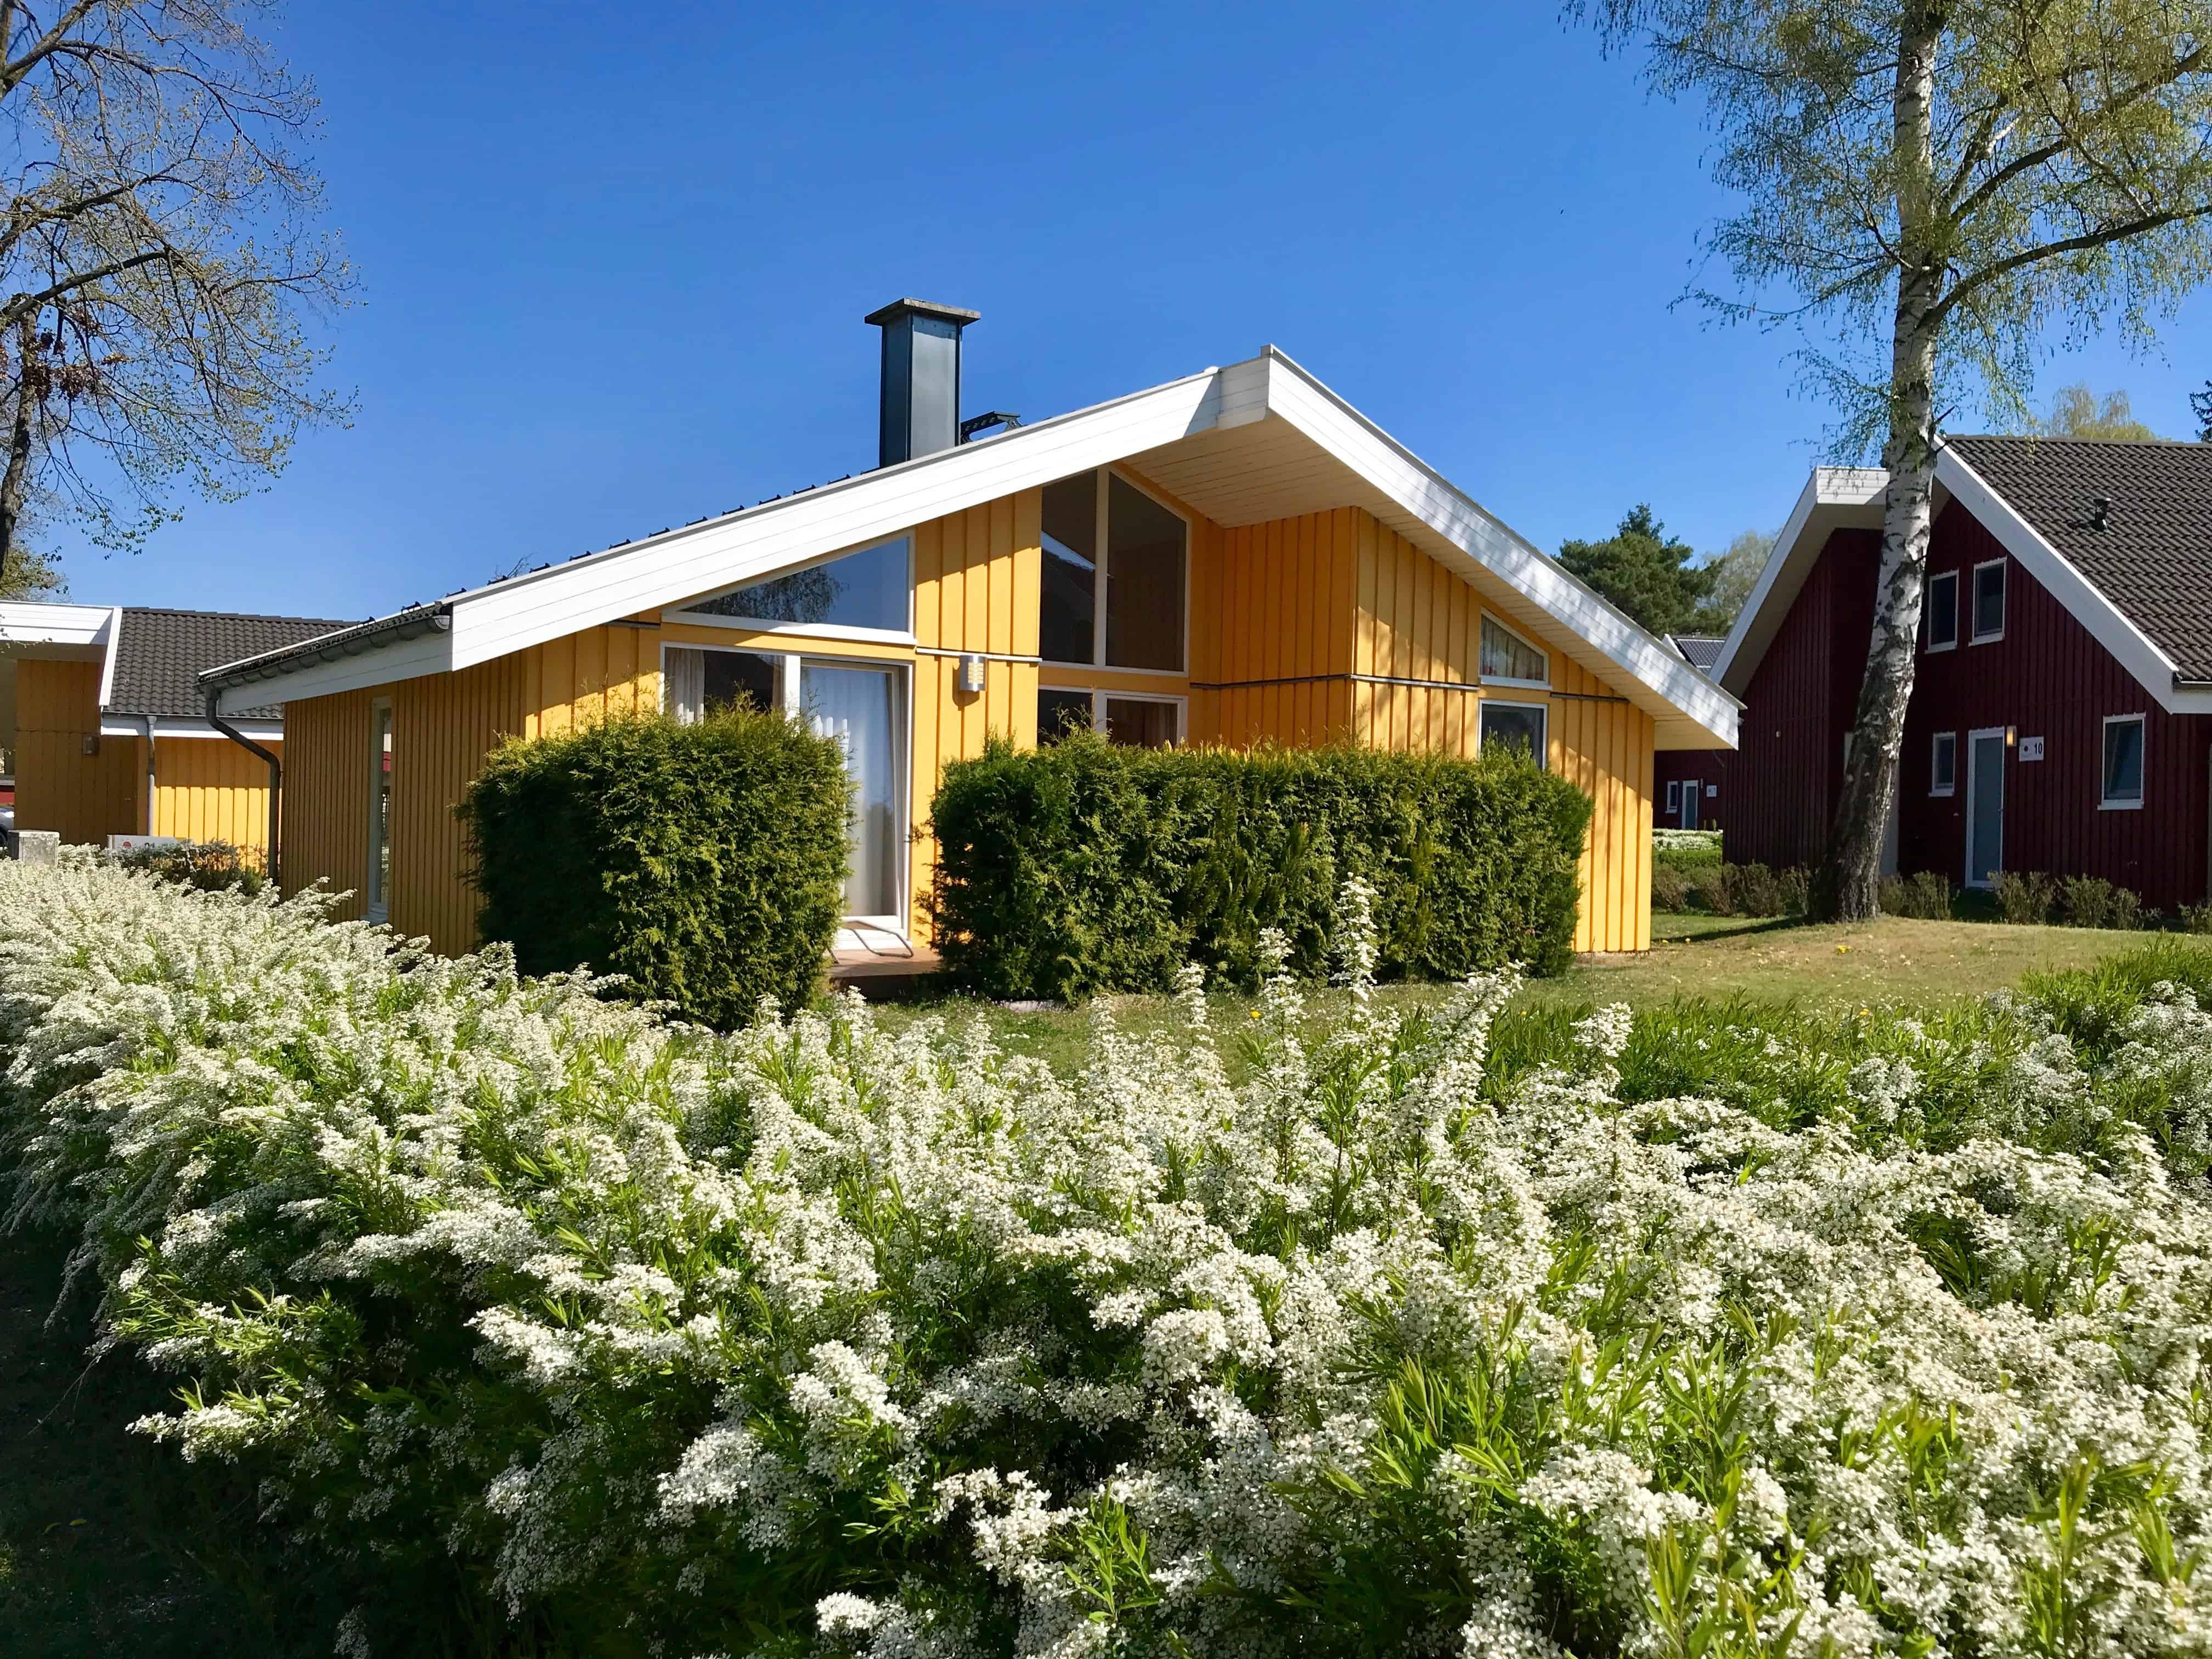 Ferienhaus Seestern in Wendisch Rietz